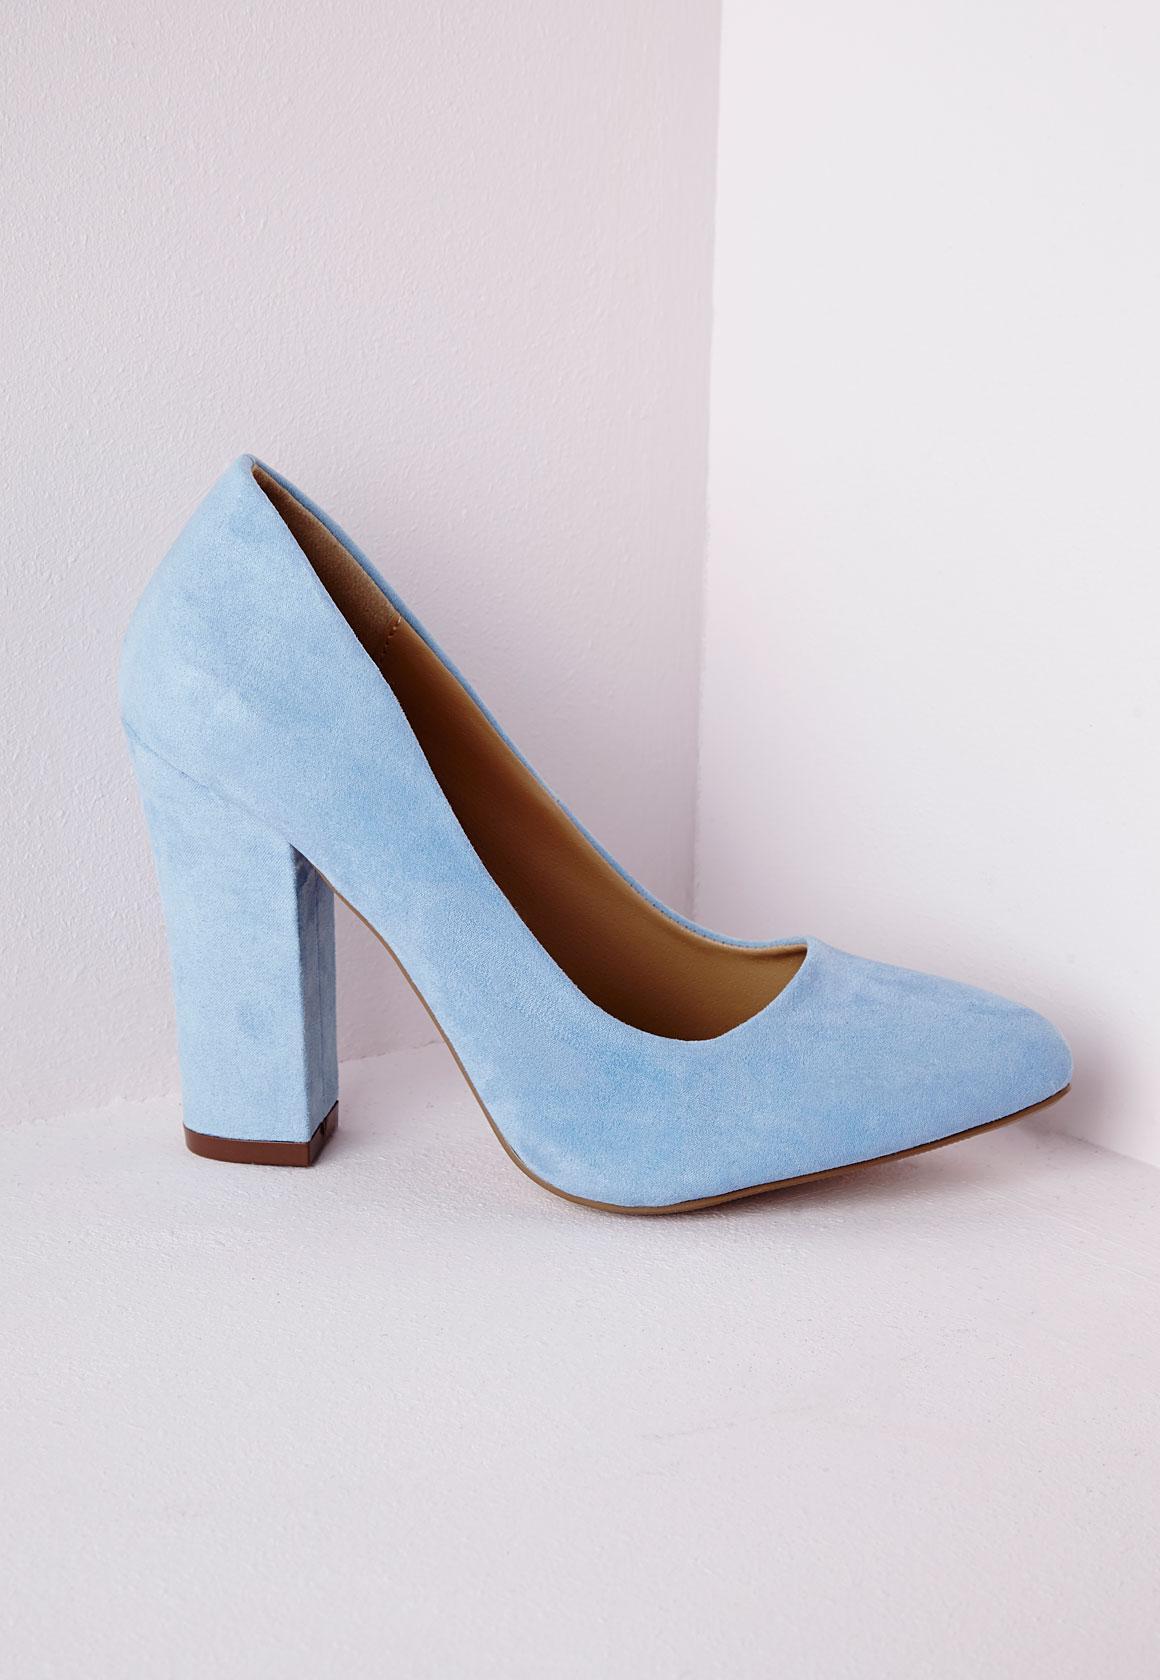 Powder Blue Wedding Shoes